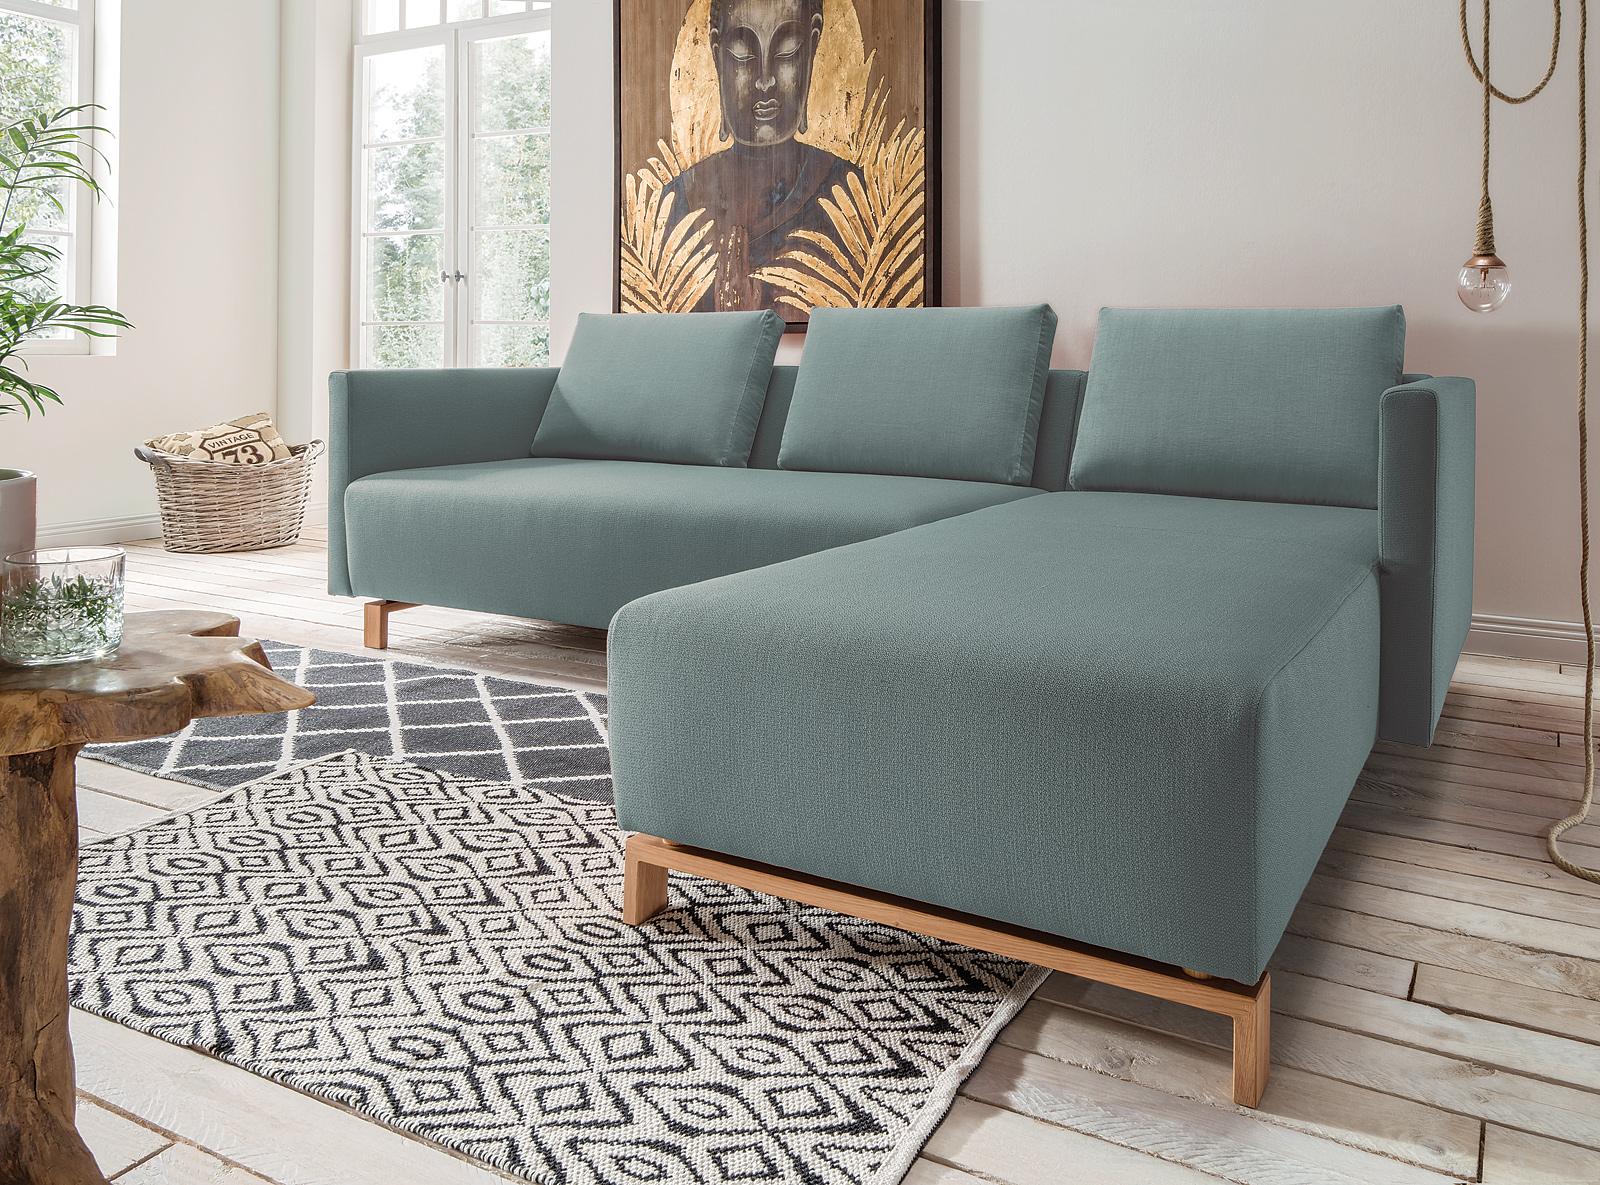 Full Size of Sofa Recamiere Samt Mit Ikea Kivik 2er Ecksofa Und Relaxfunktion Ledersofa Schwarz Rechts Links Kleines 4er Karlstad 3er Bettfunktion Couch Klein Sofa Sofa Mit Recamiere